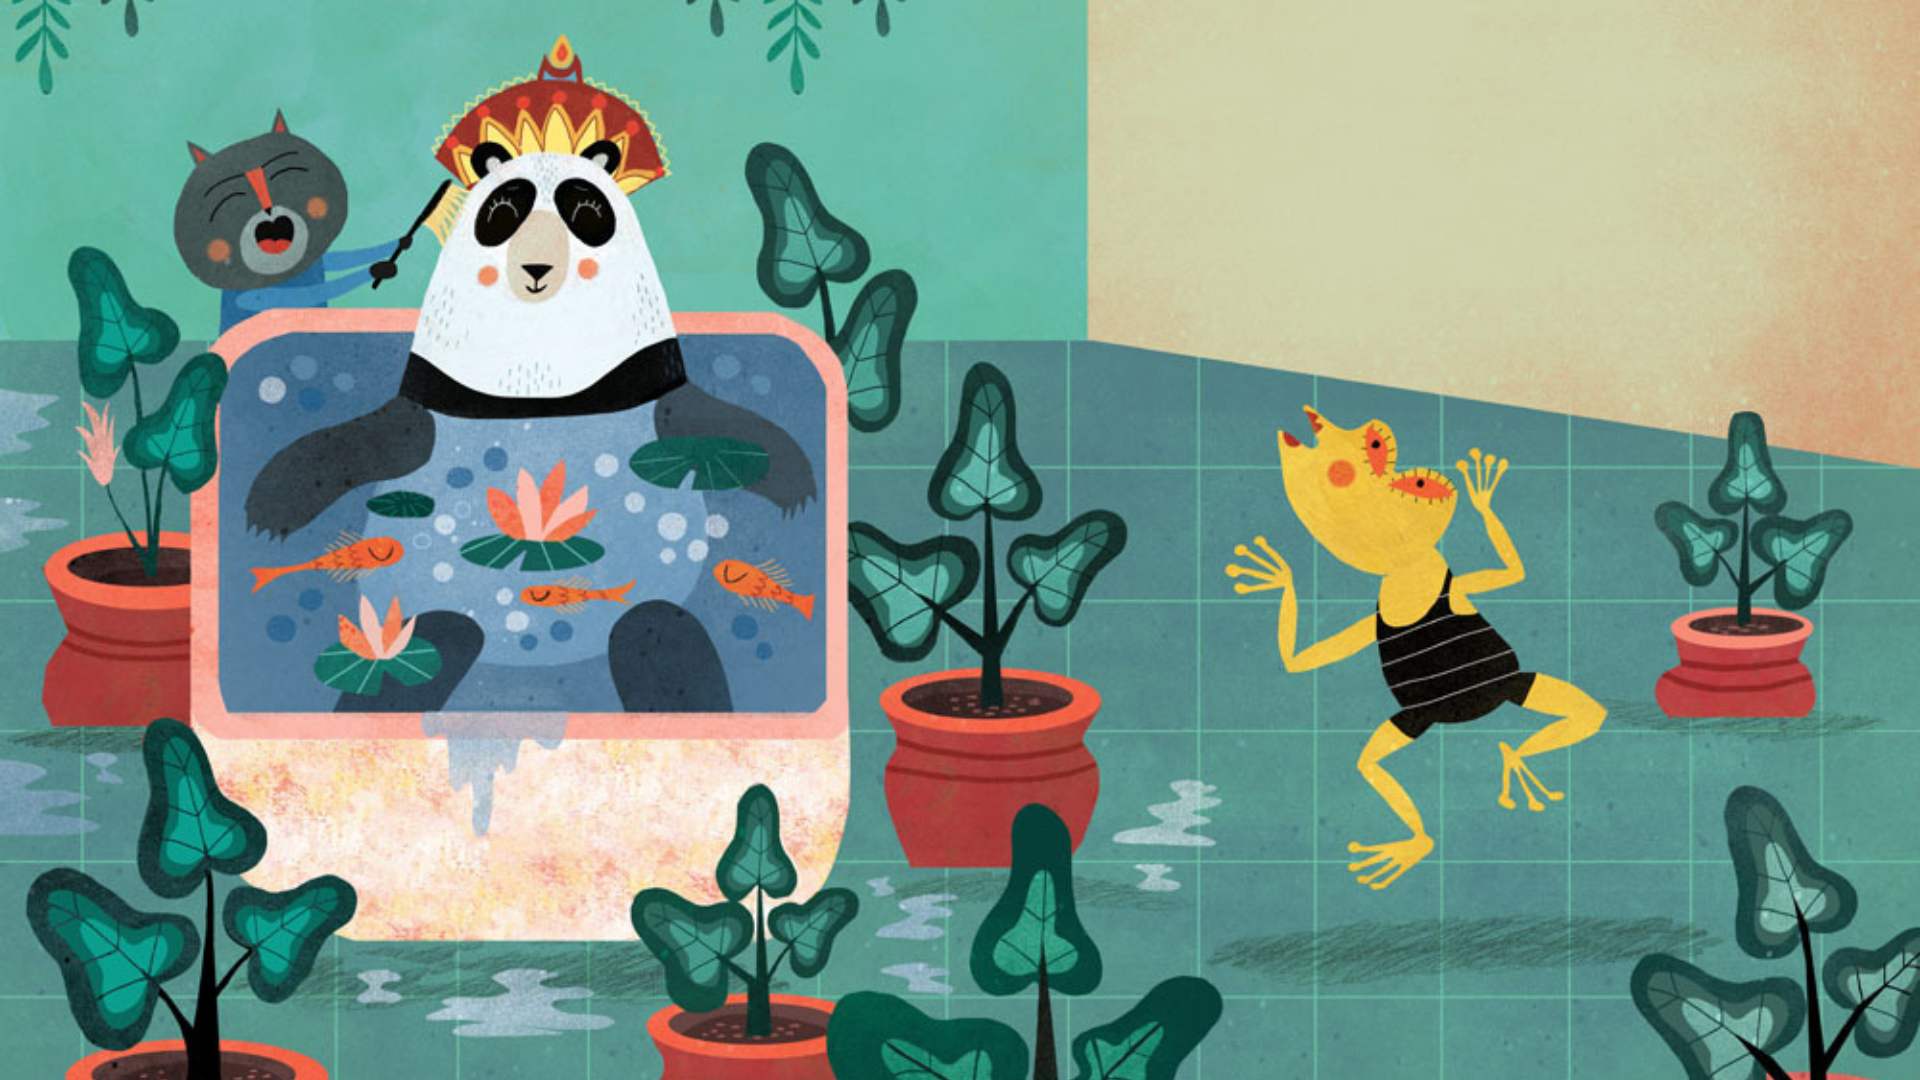 Ilustración del libro Dormir a la Reina Panda de Mariana Ruiz Johnson